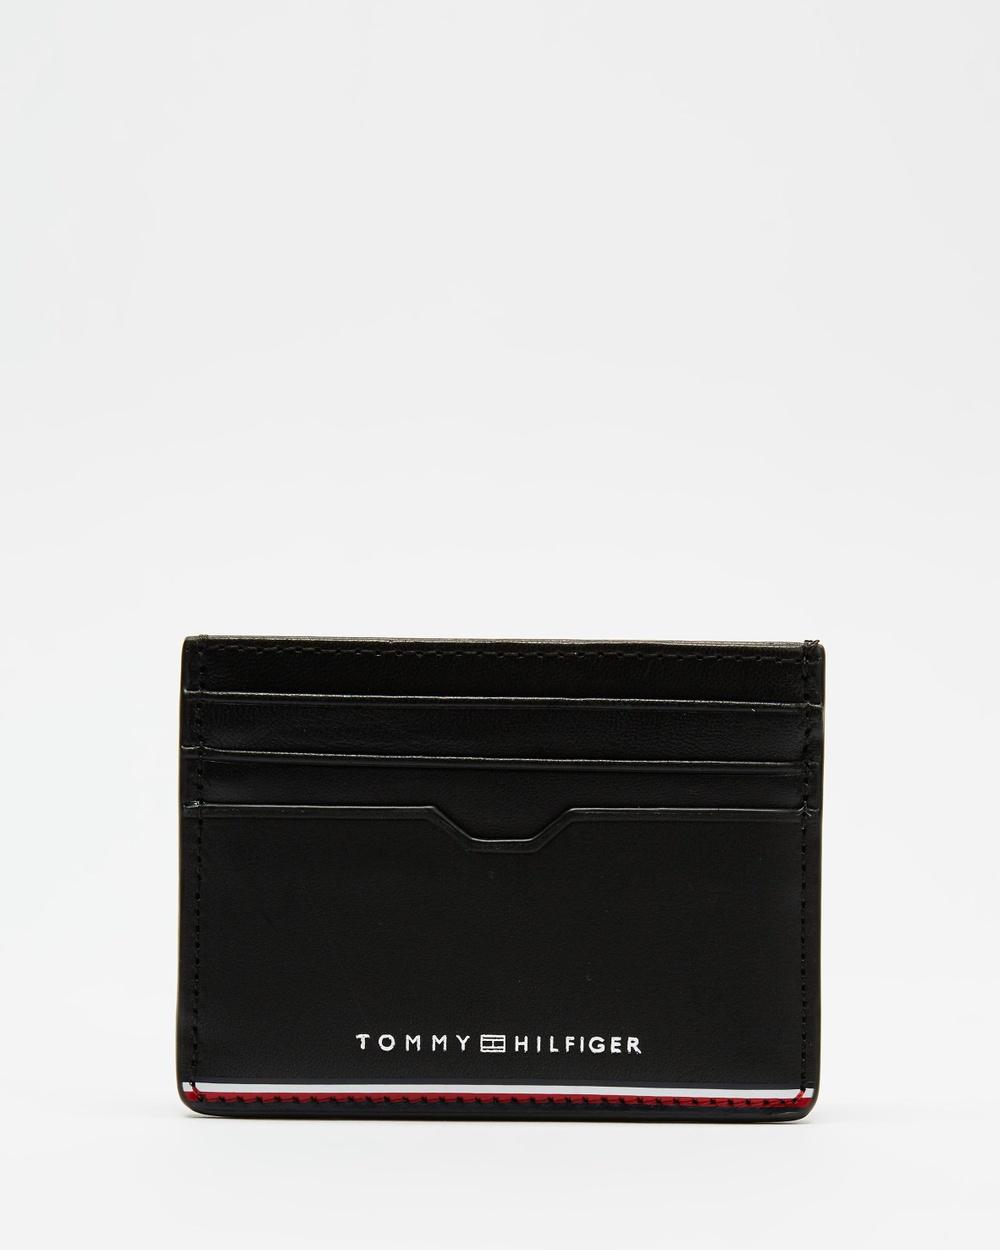 Tommy Hilfiger TH Commuter Credit Card Holder Wallets Black Australia